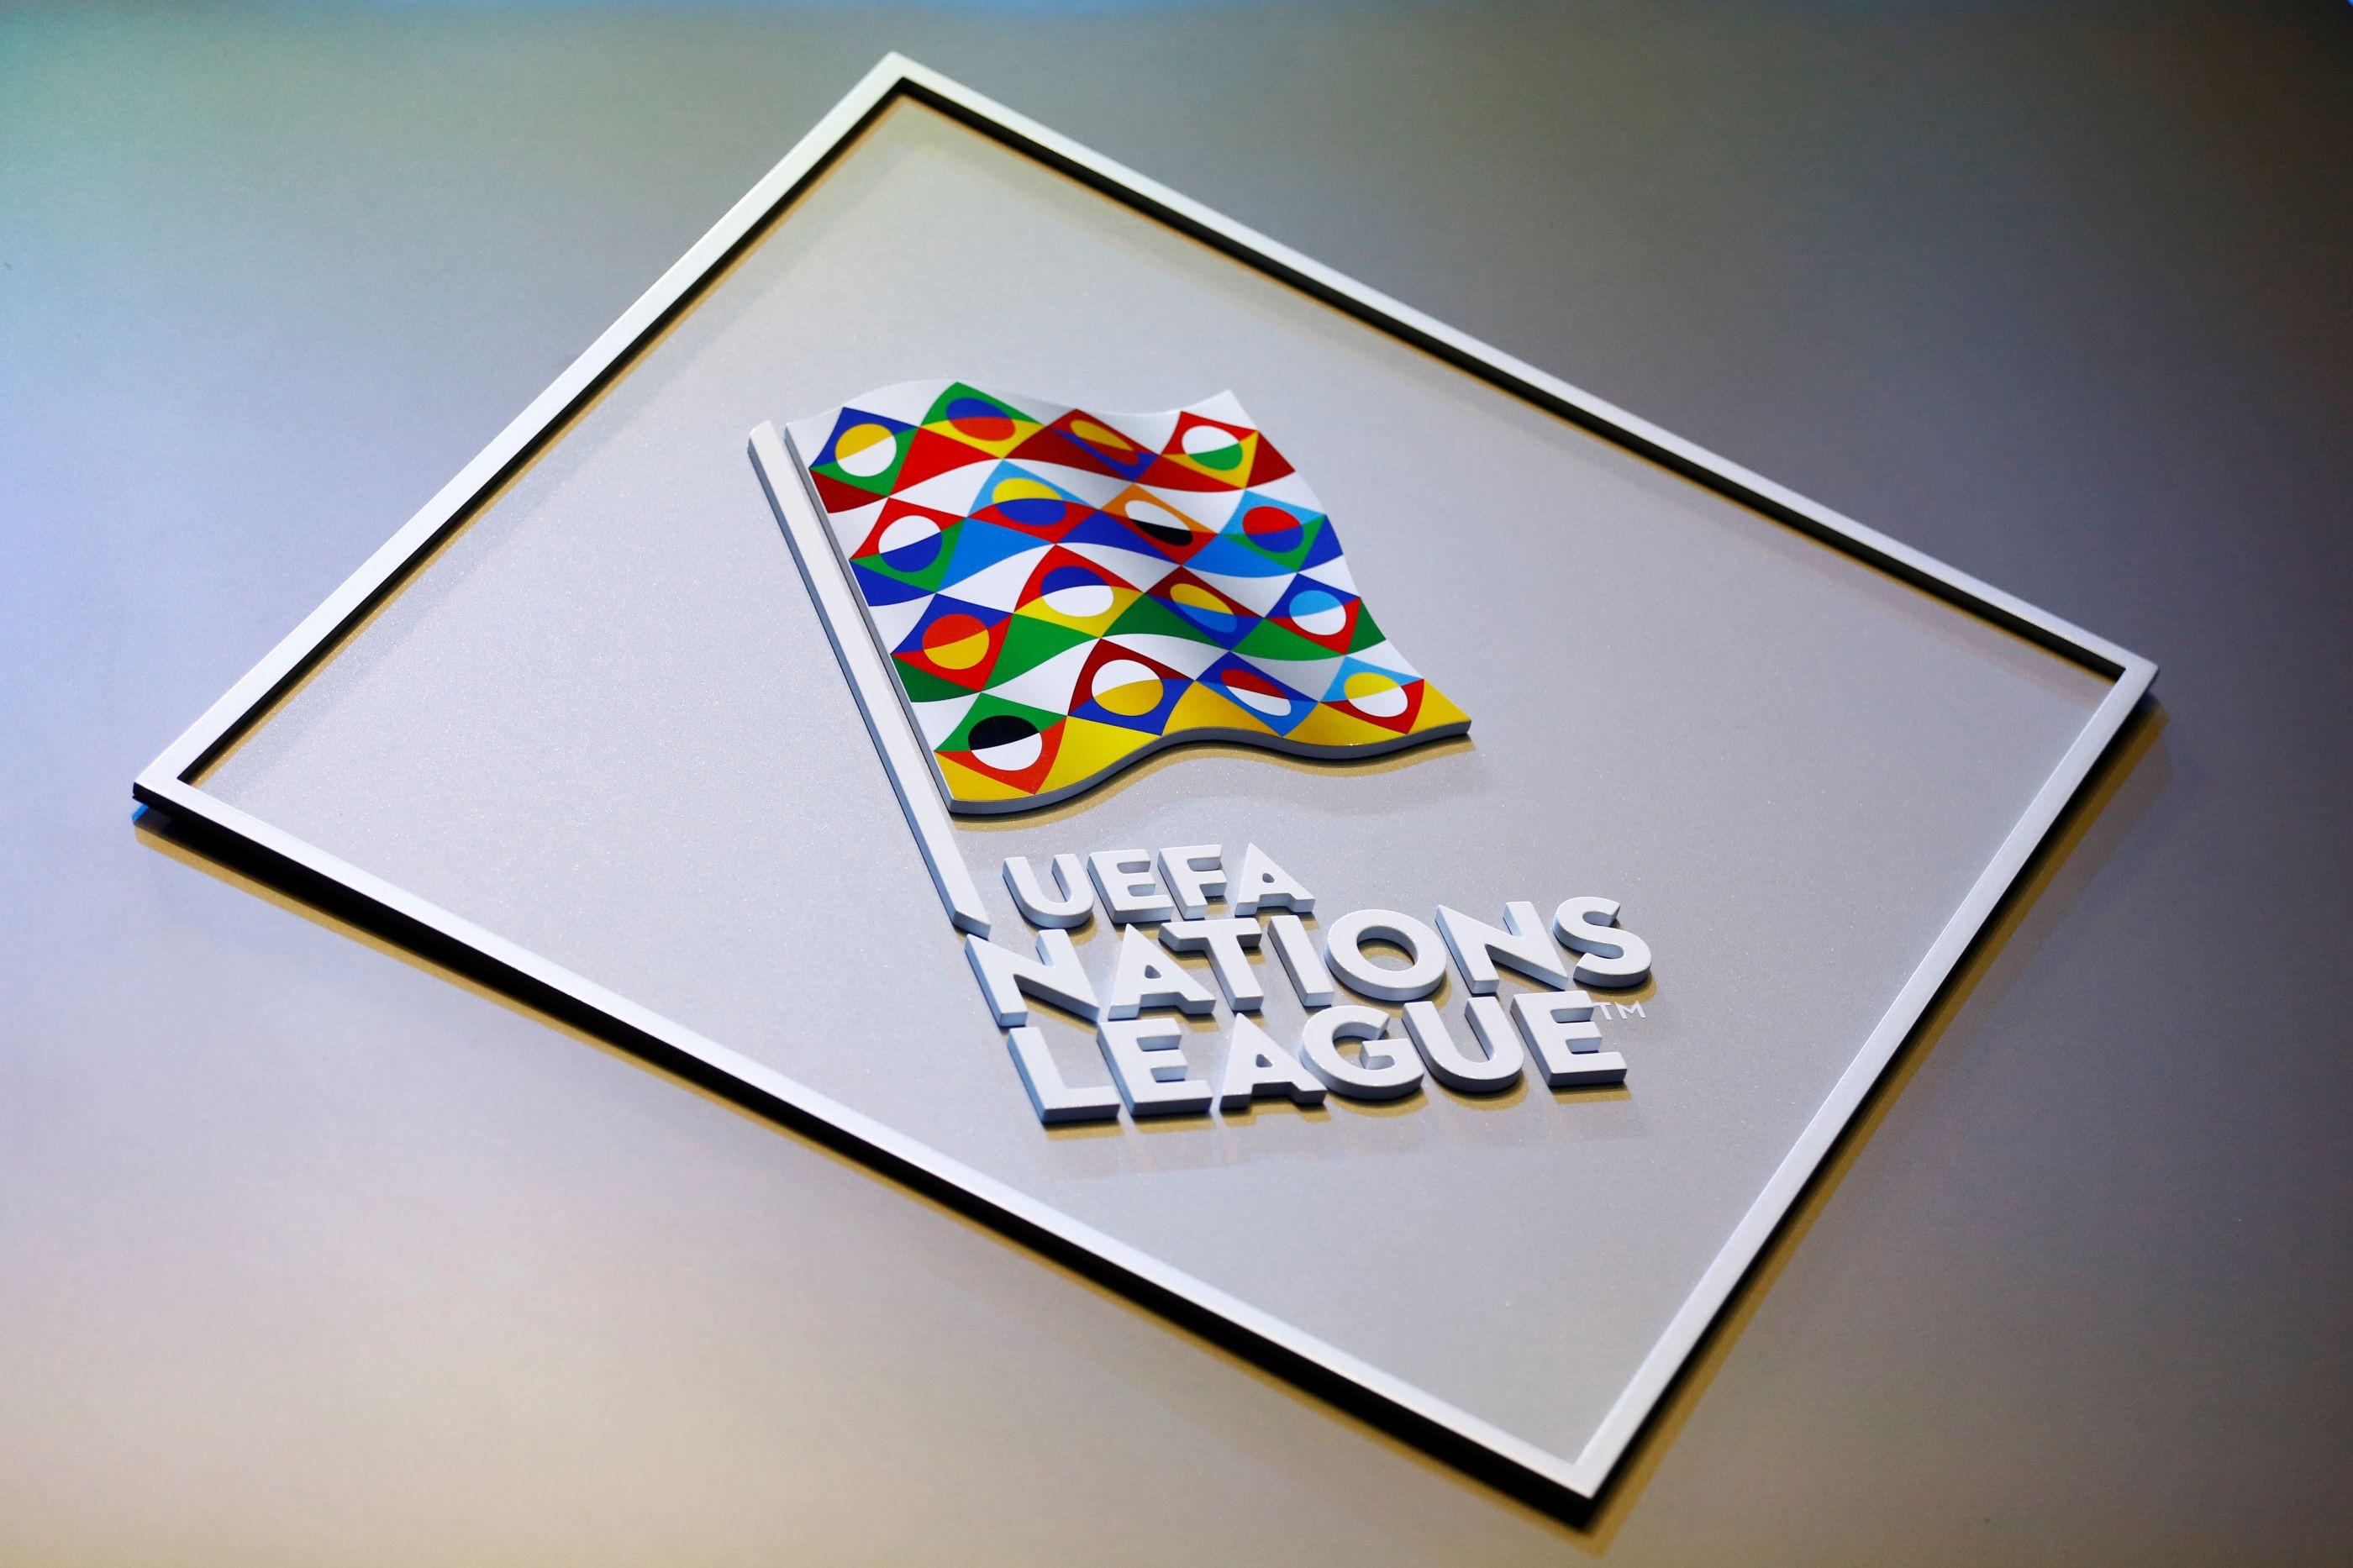 Liga das Nações: Como funciona a nova competição da UEFA